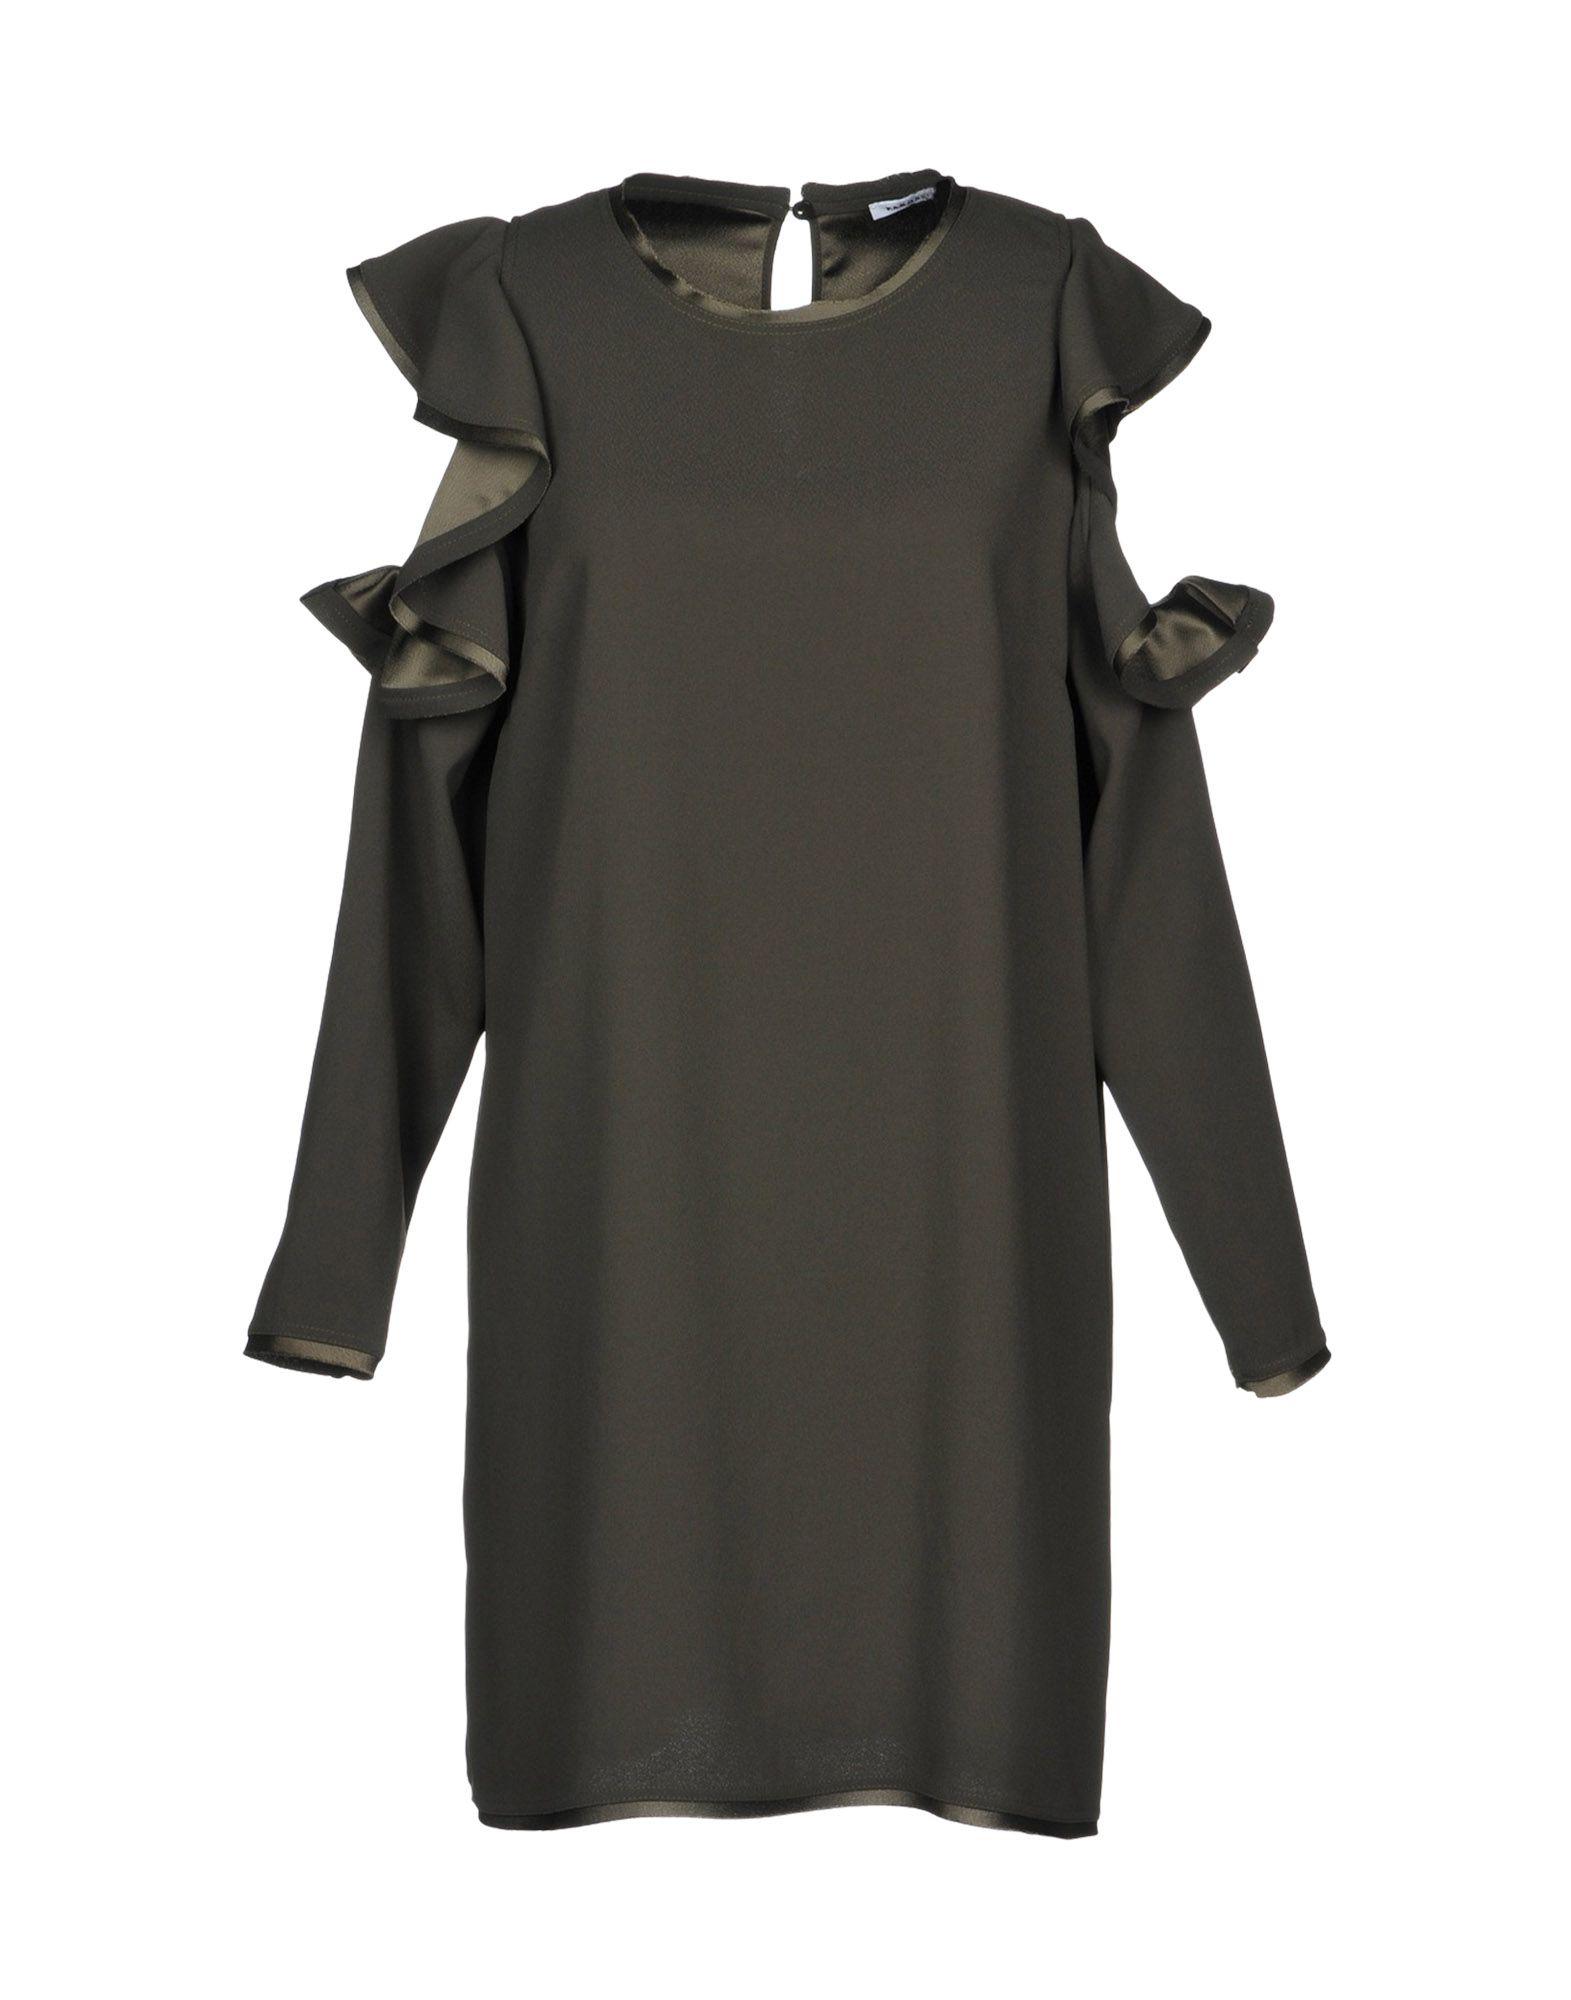 Vestito Corto P.A.R.O.S.H. Donna - Acquista online su uMx6BKL